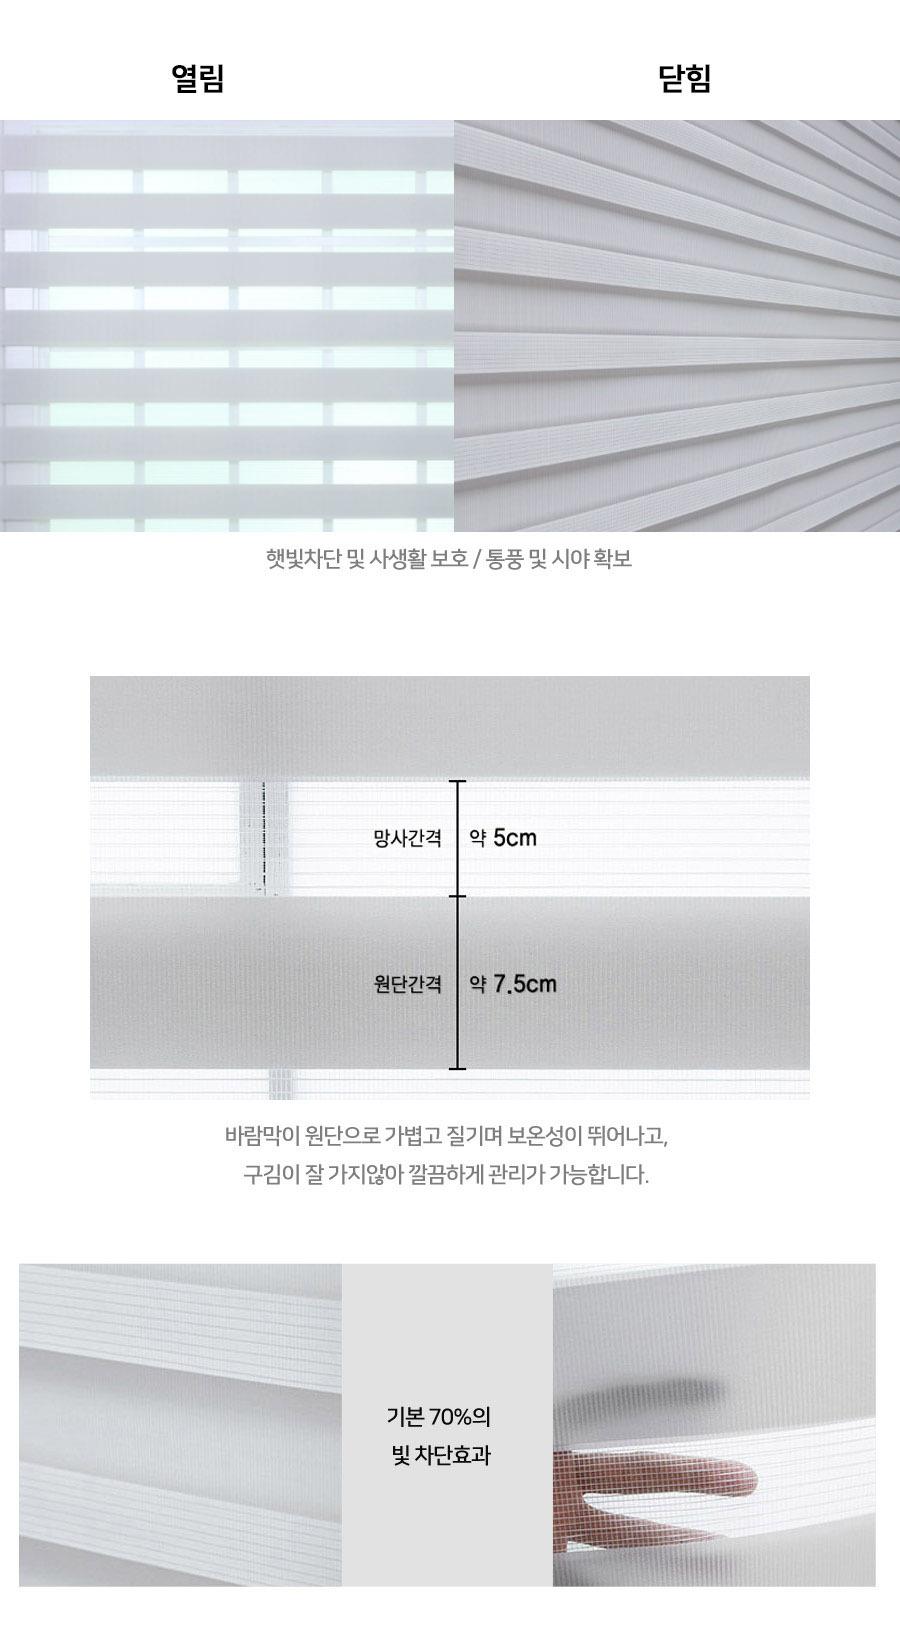 심플한 베이직 그레이 콤비 블라인드 - 스페이스샵, 90,300원, 블라인드, 콤비 블라인드